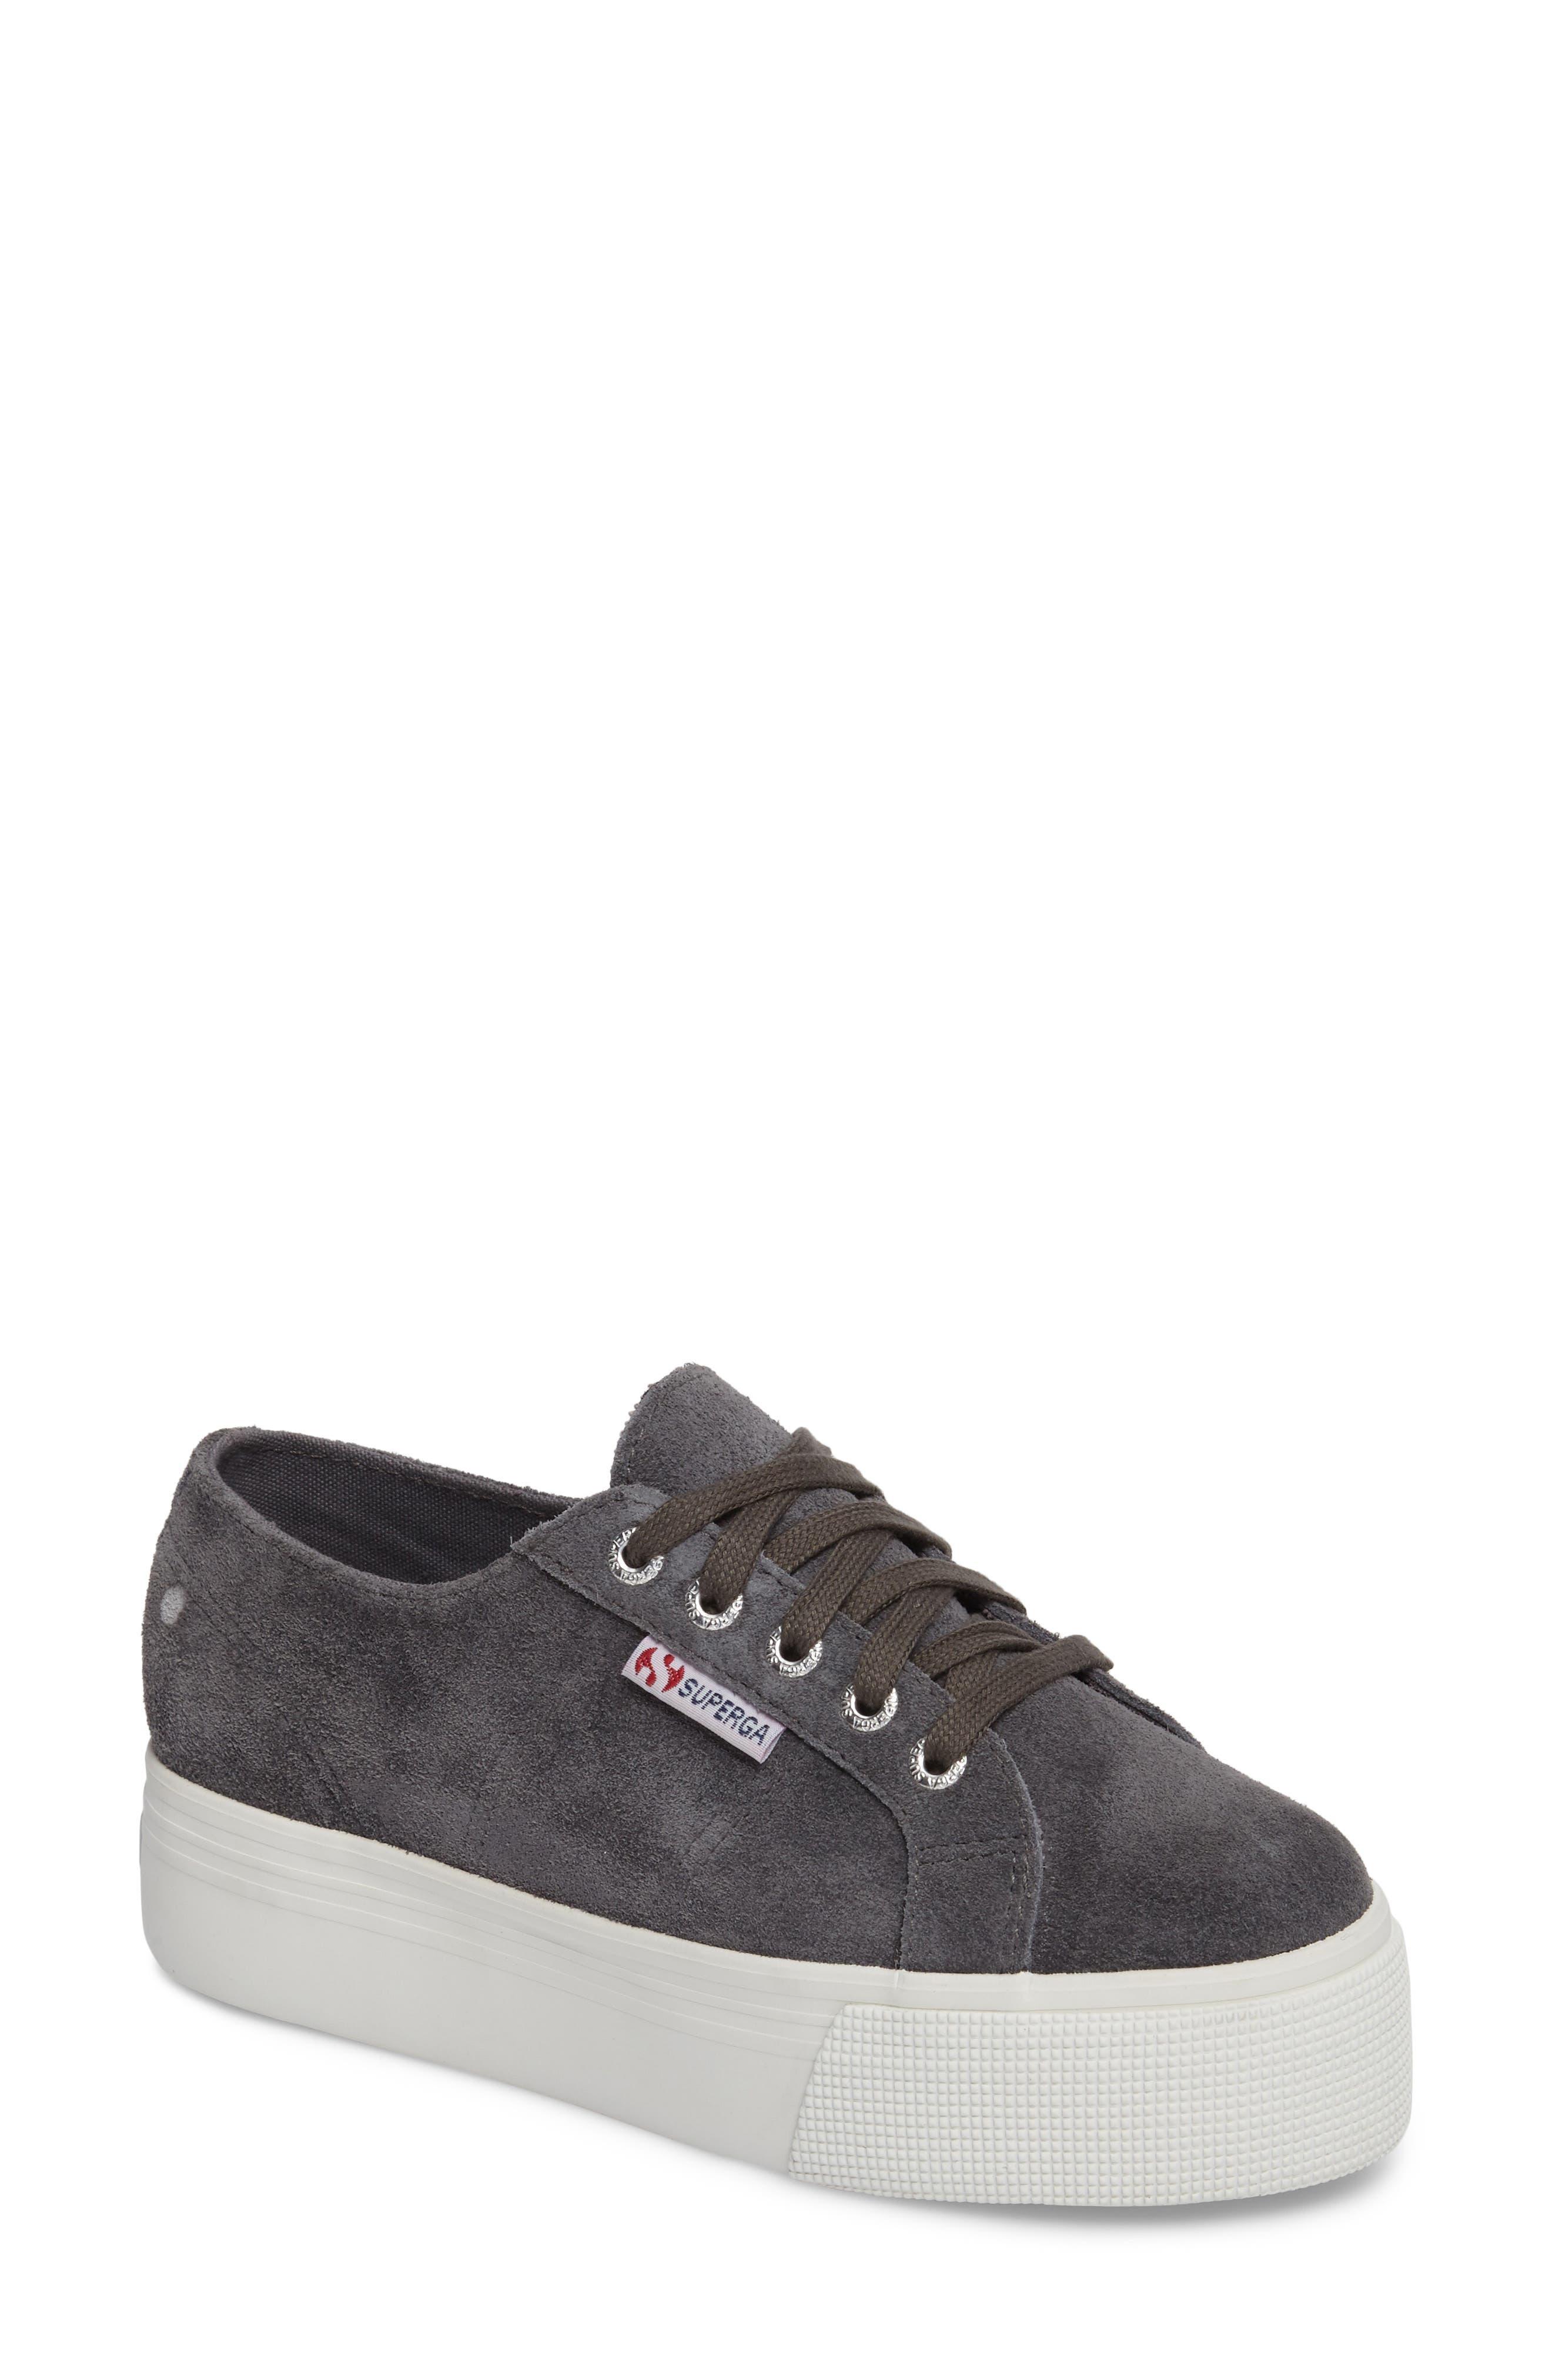 Superga 2790 Platform Sneaker (Women)